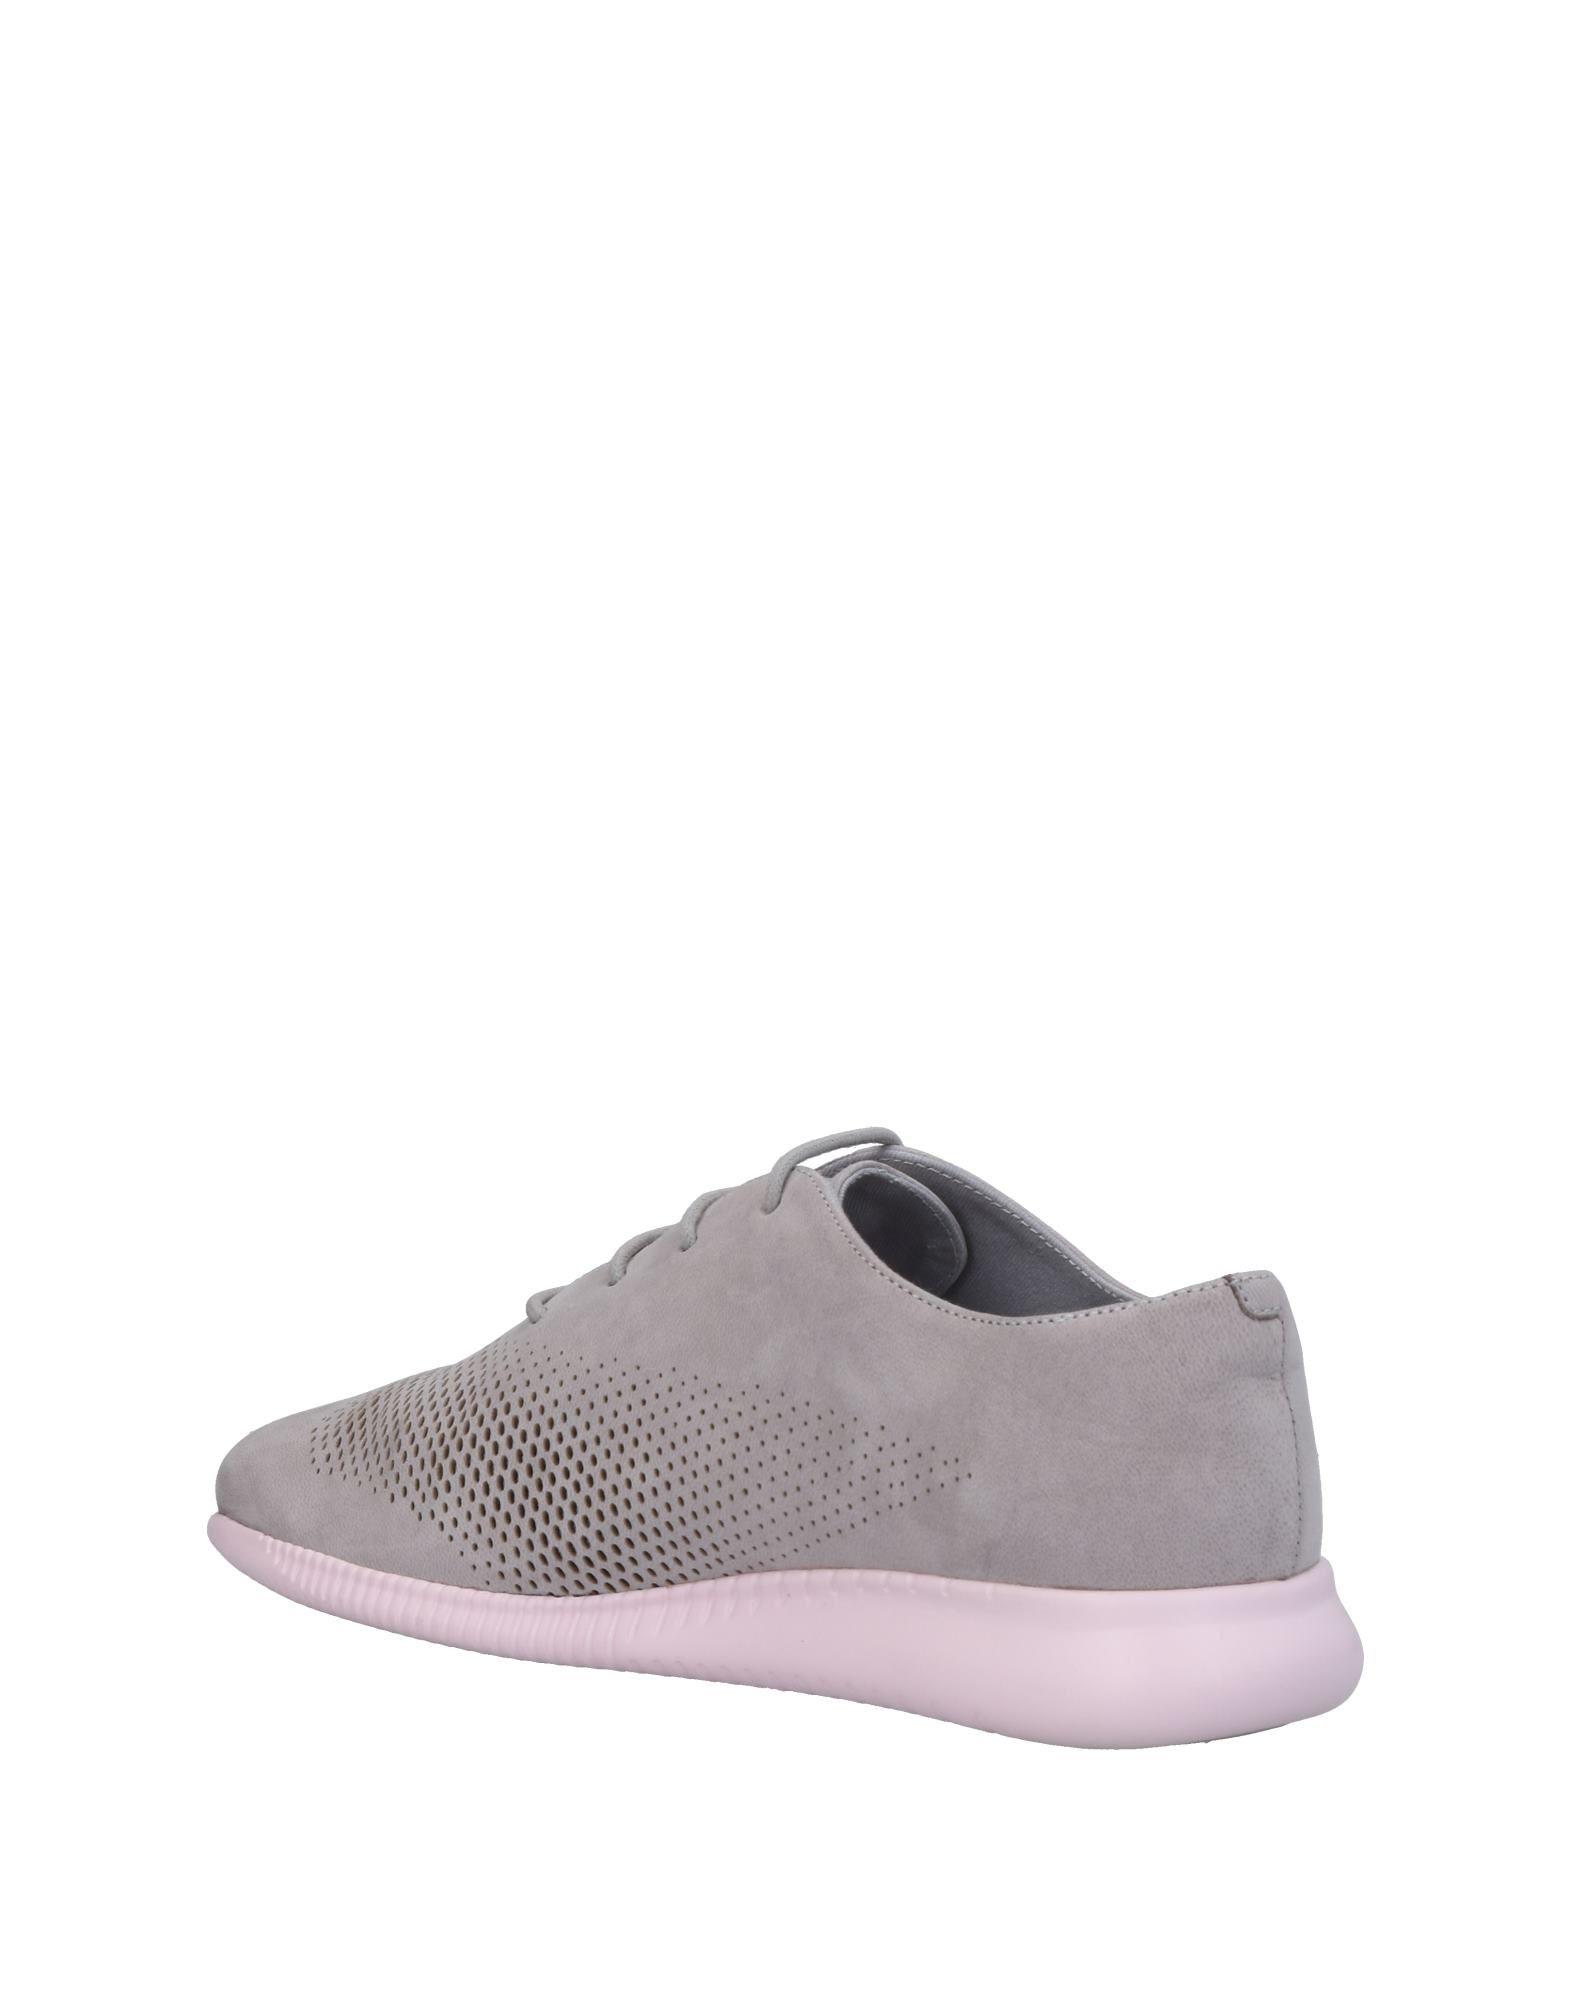 ... Sneakers Cole Haan Femme - Sneakers Cole Haan sur ...